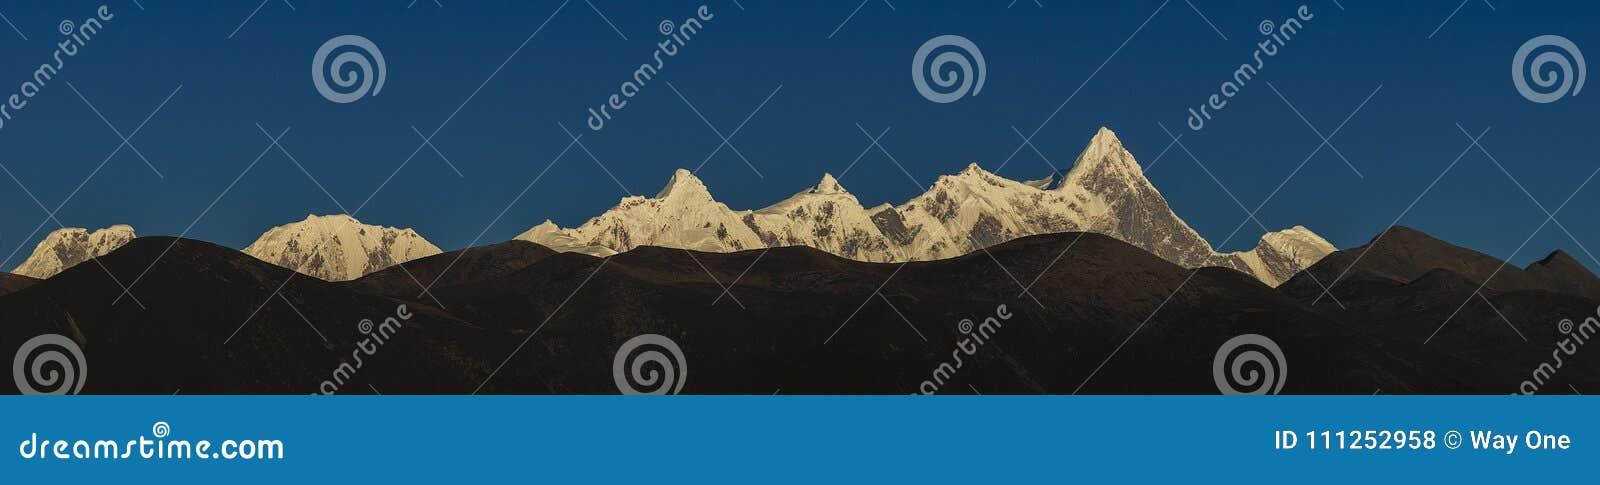 The panorama of Namjagbrawa